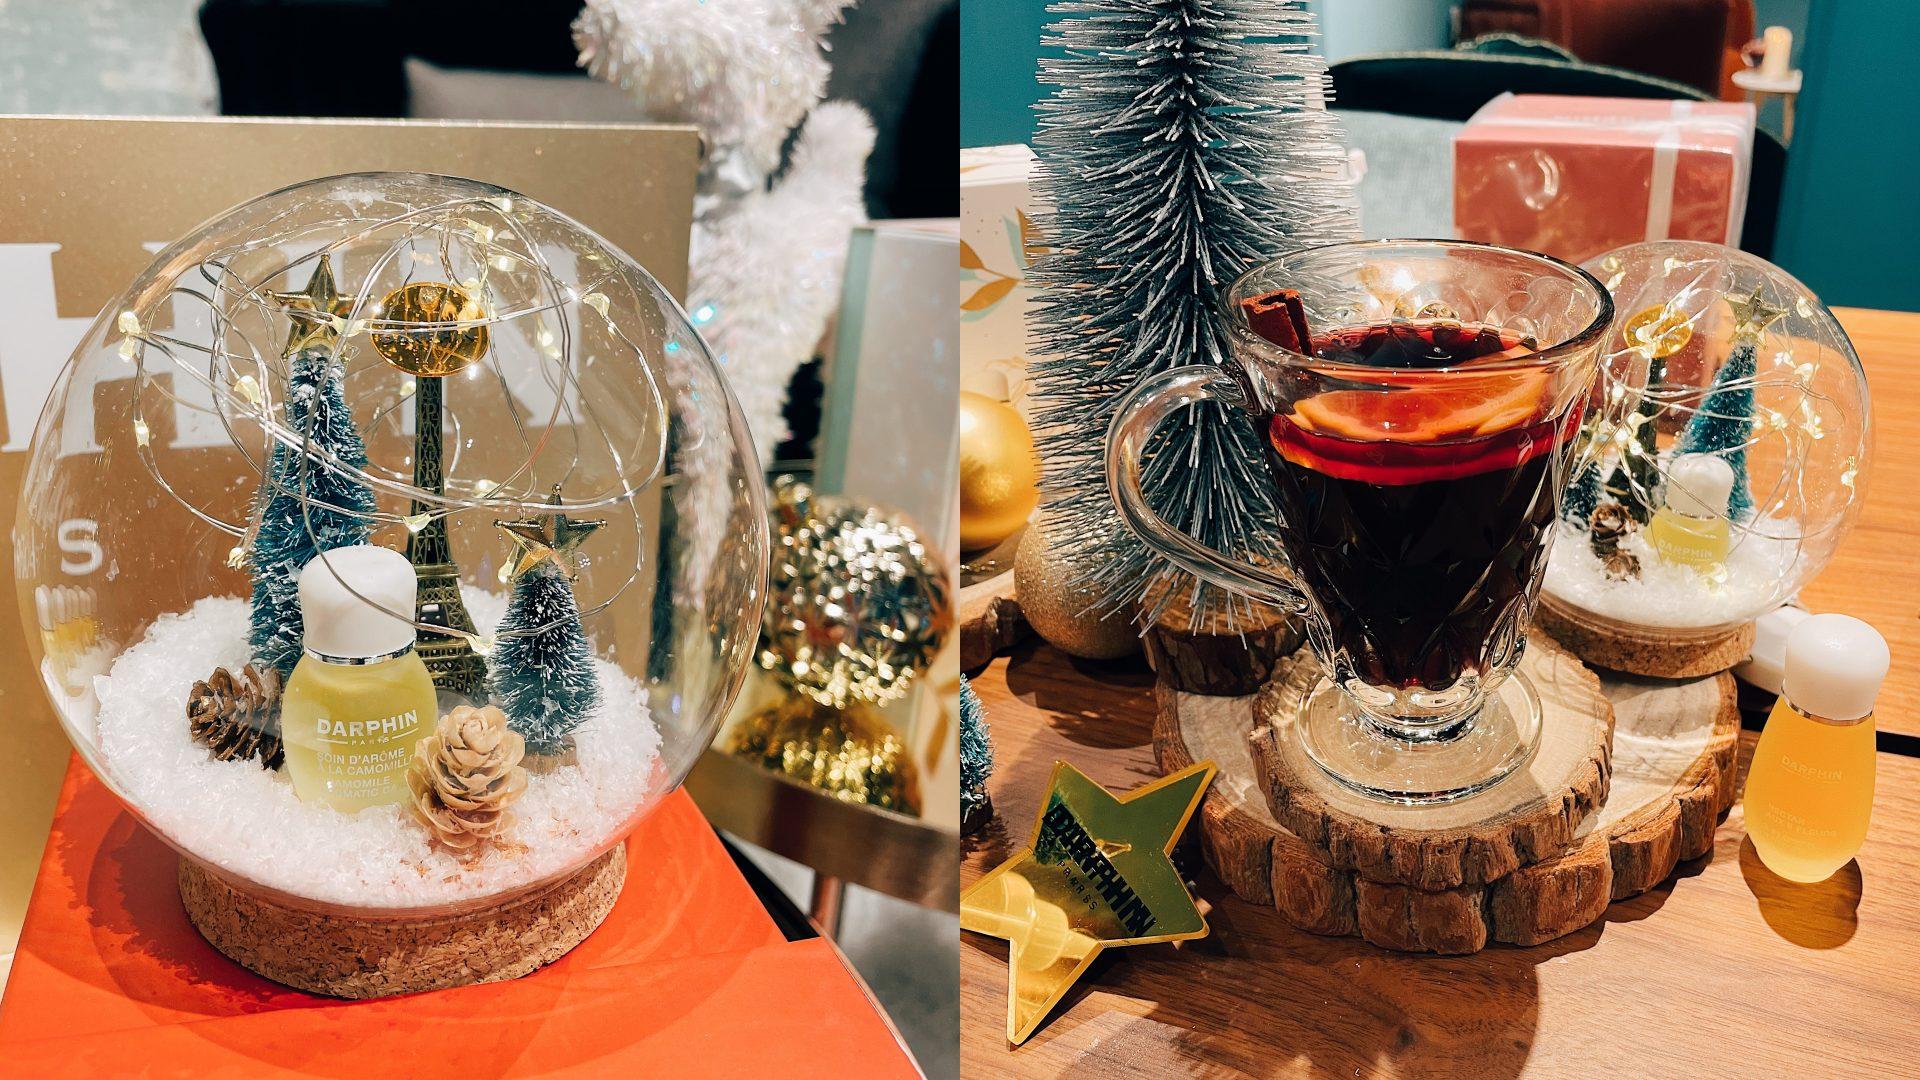 購買禮盒送雪花球,到瑪黑家居現場打卡還有熱紅酒特調兌換券。